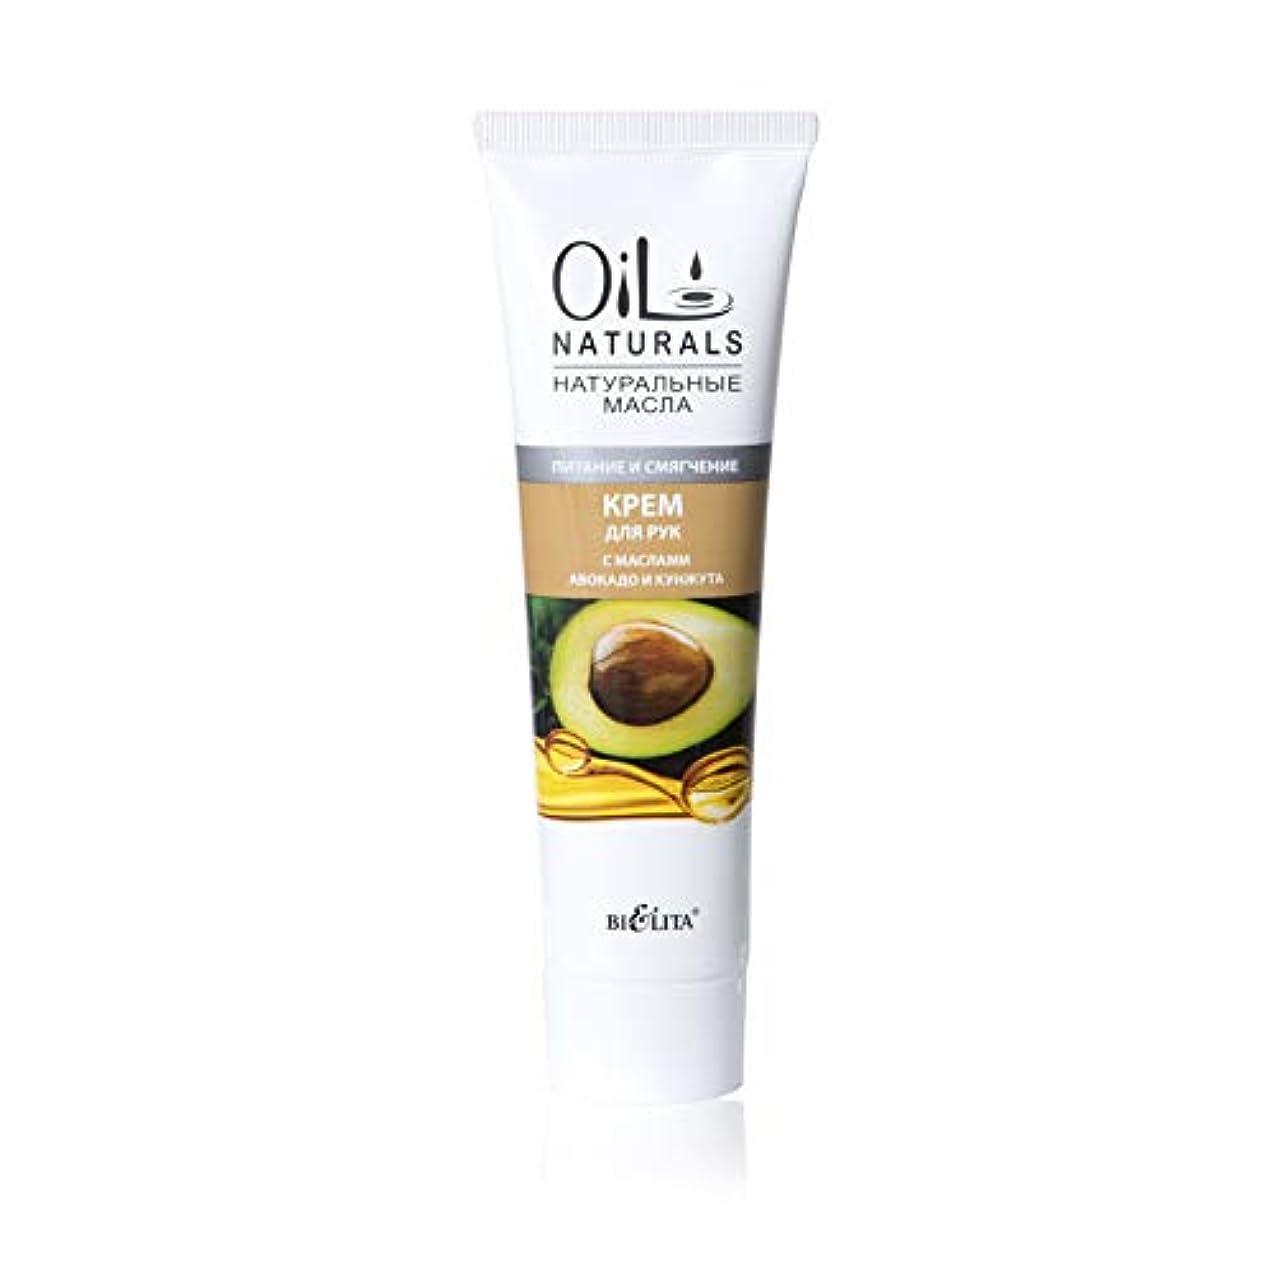 パキスタン人展開する農村Bielita & Vitex Oil Naturals Line | Nutrition & Softening Hand Cream, 100 ml | Avocado Oil, Silk Proteins, Sesame Oil, Vitamins